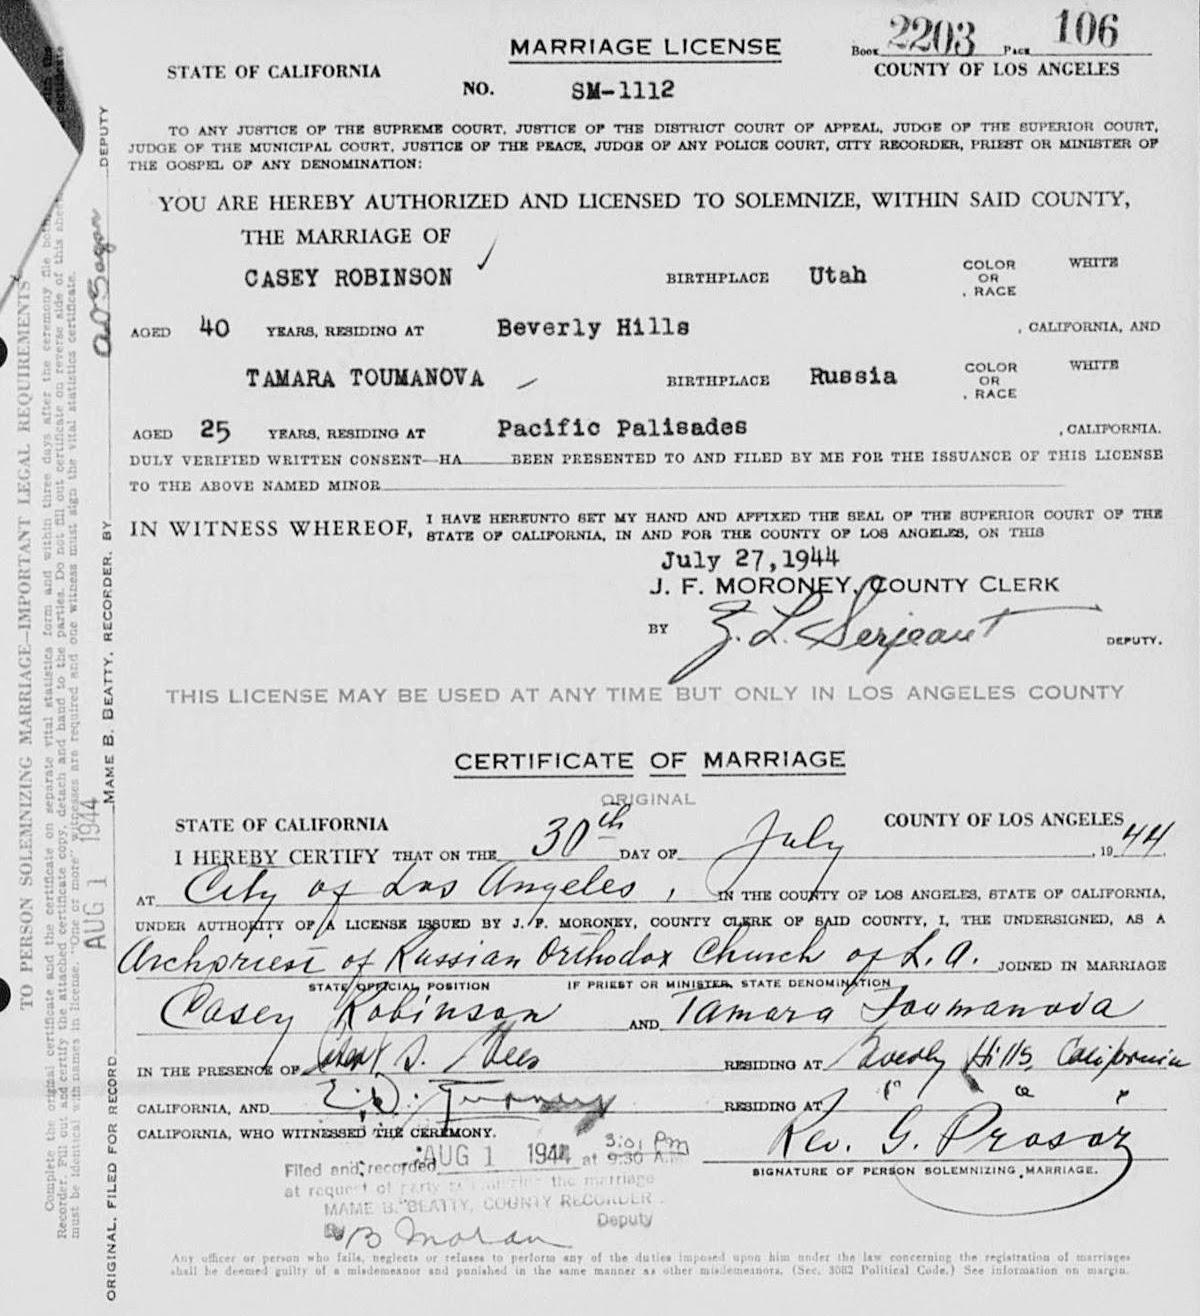 Photo: Тамара Туманова и Кейси Робинсон вступили в брак 30 июля 1944 года